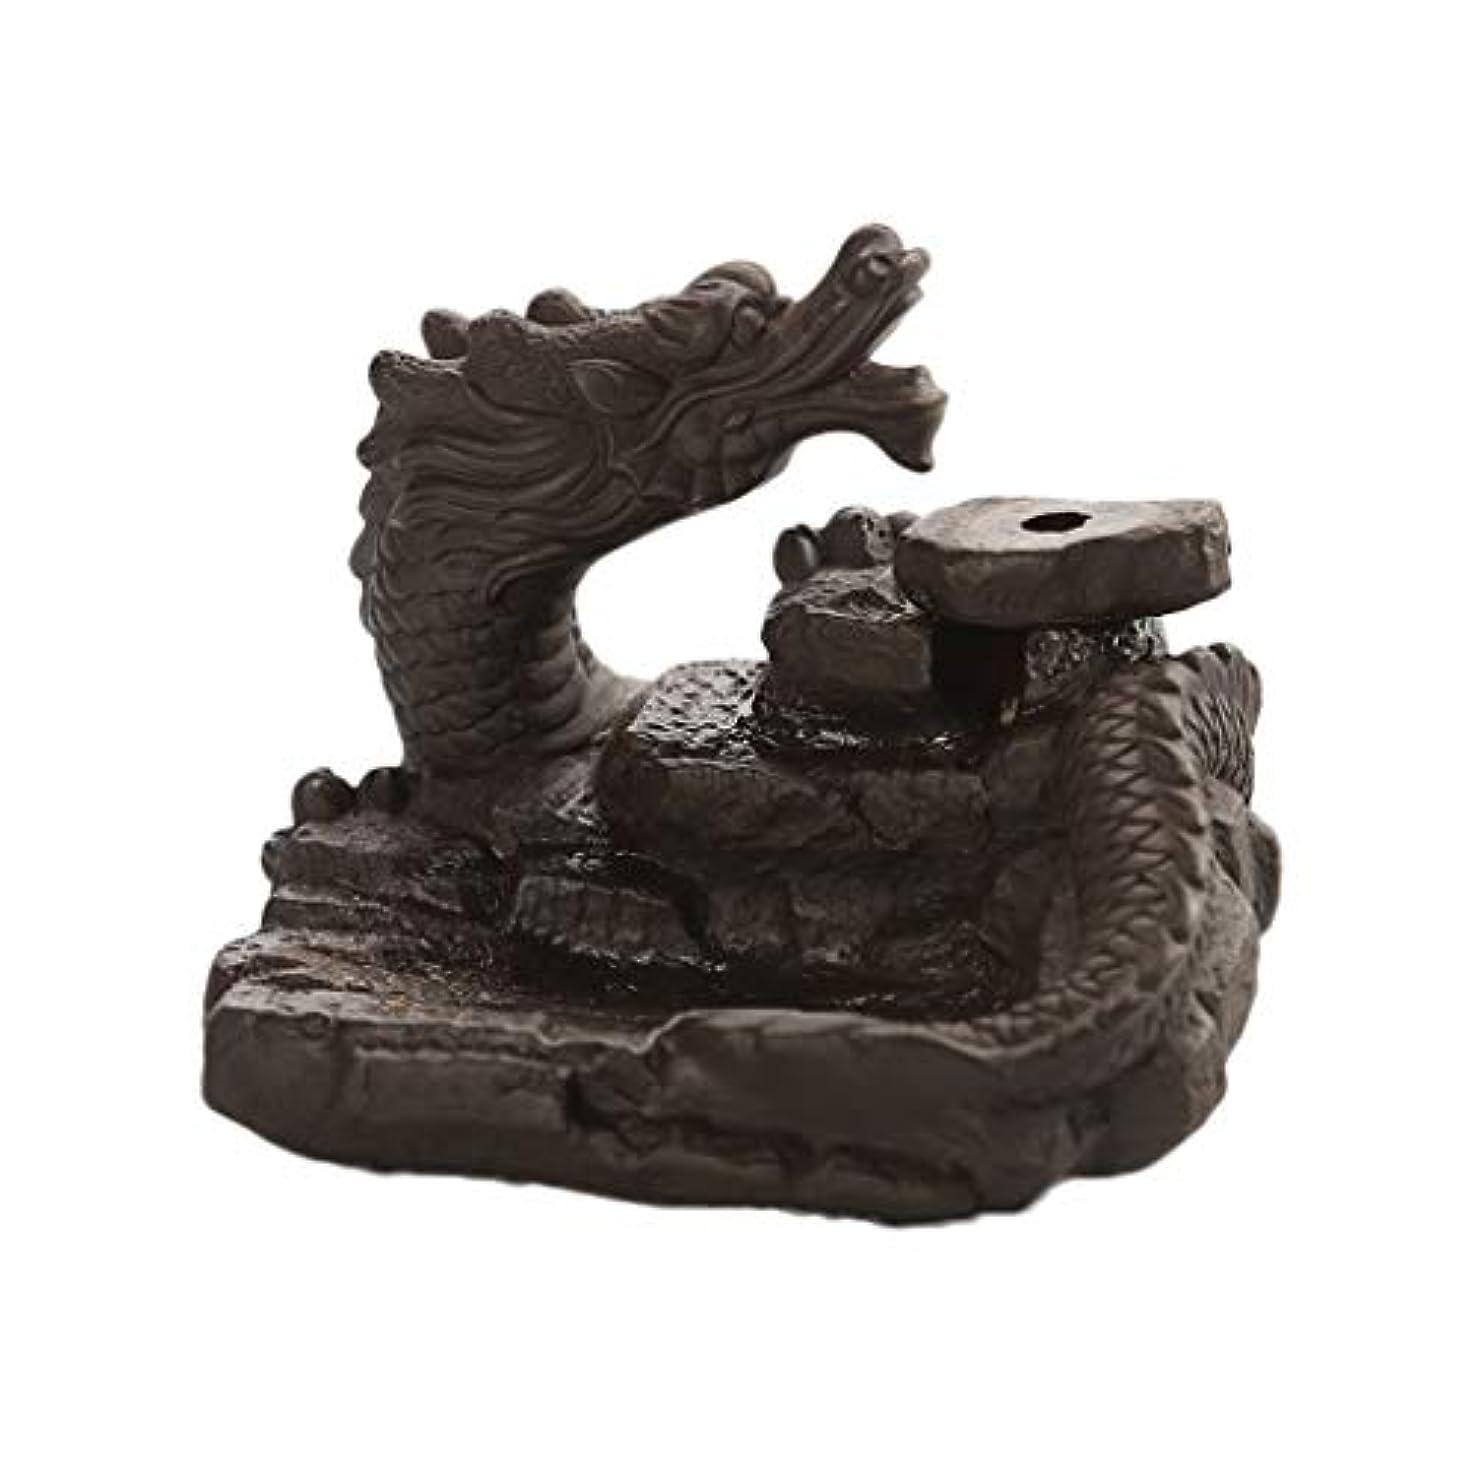 黒抗生物質スパイラル家の装飾ドラゴン逆流還流香バーナーセラミックスティックホルダーコーンセンサー茶室飾り香炉 芳香器?アロマバーナー (Color : Black, サイズ : 3.46*3.14*2.36 inches)